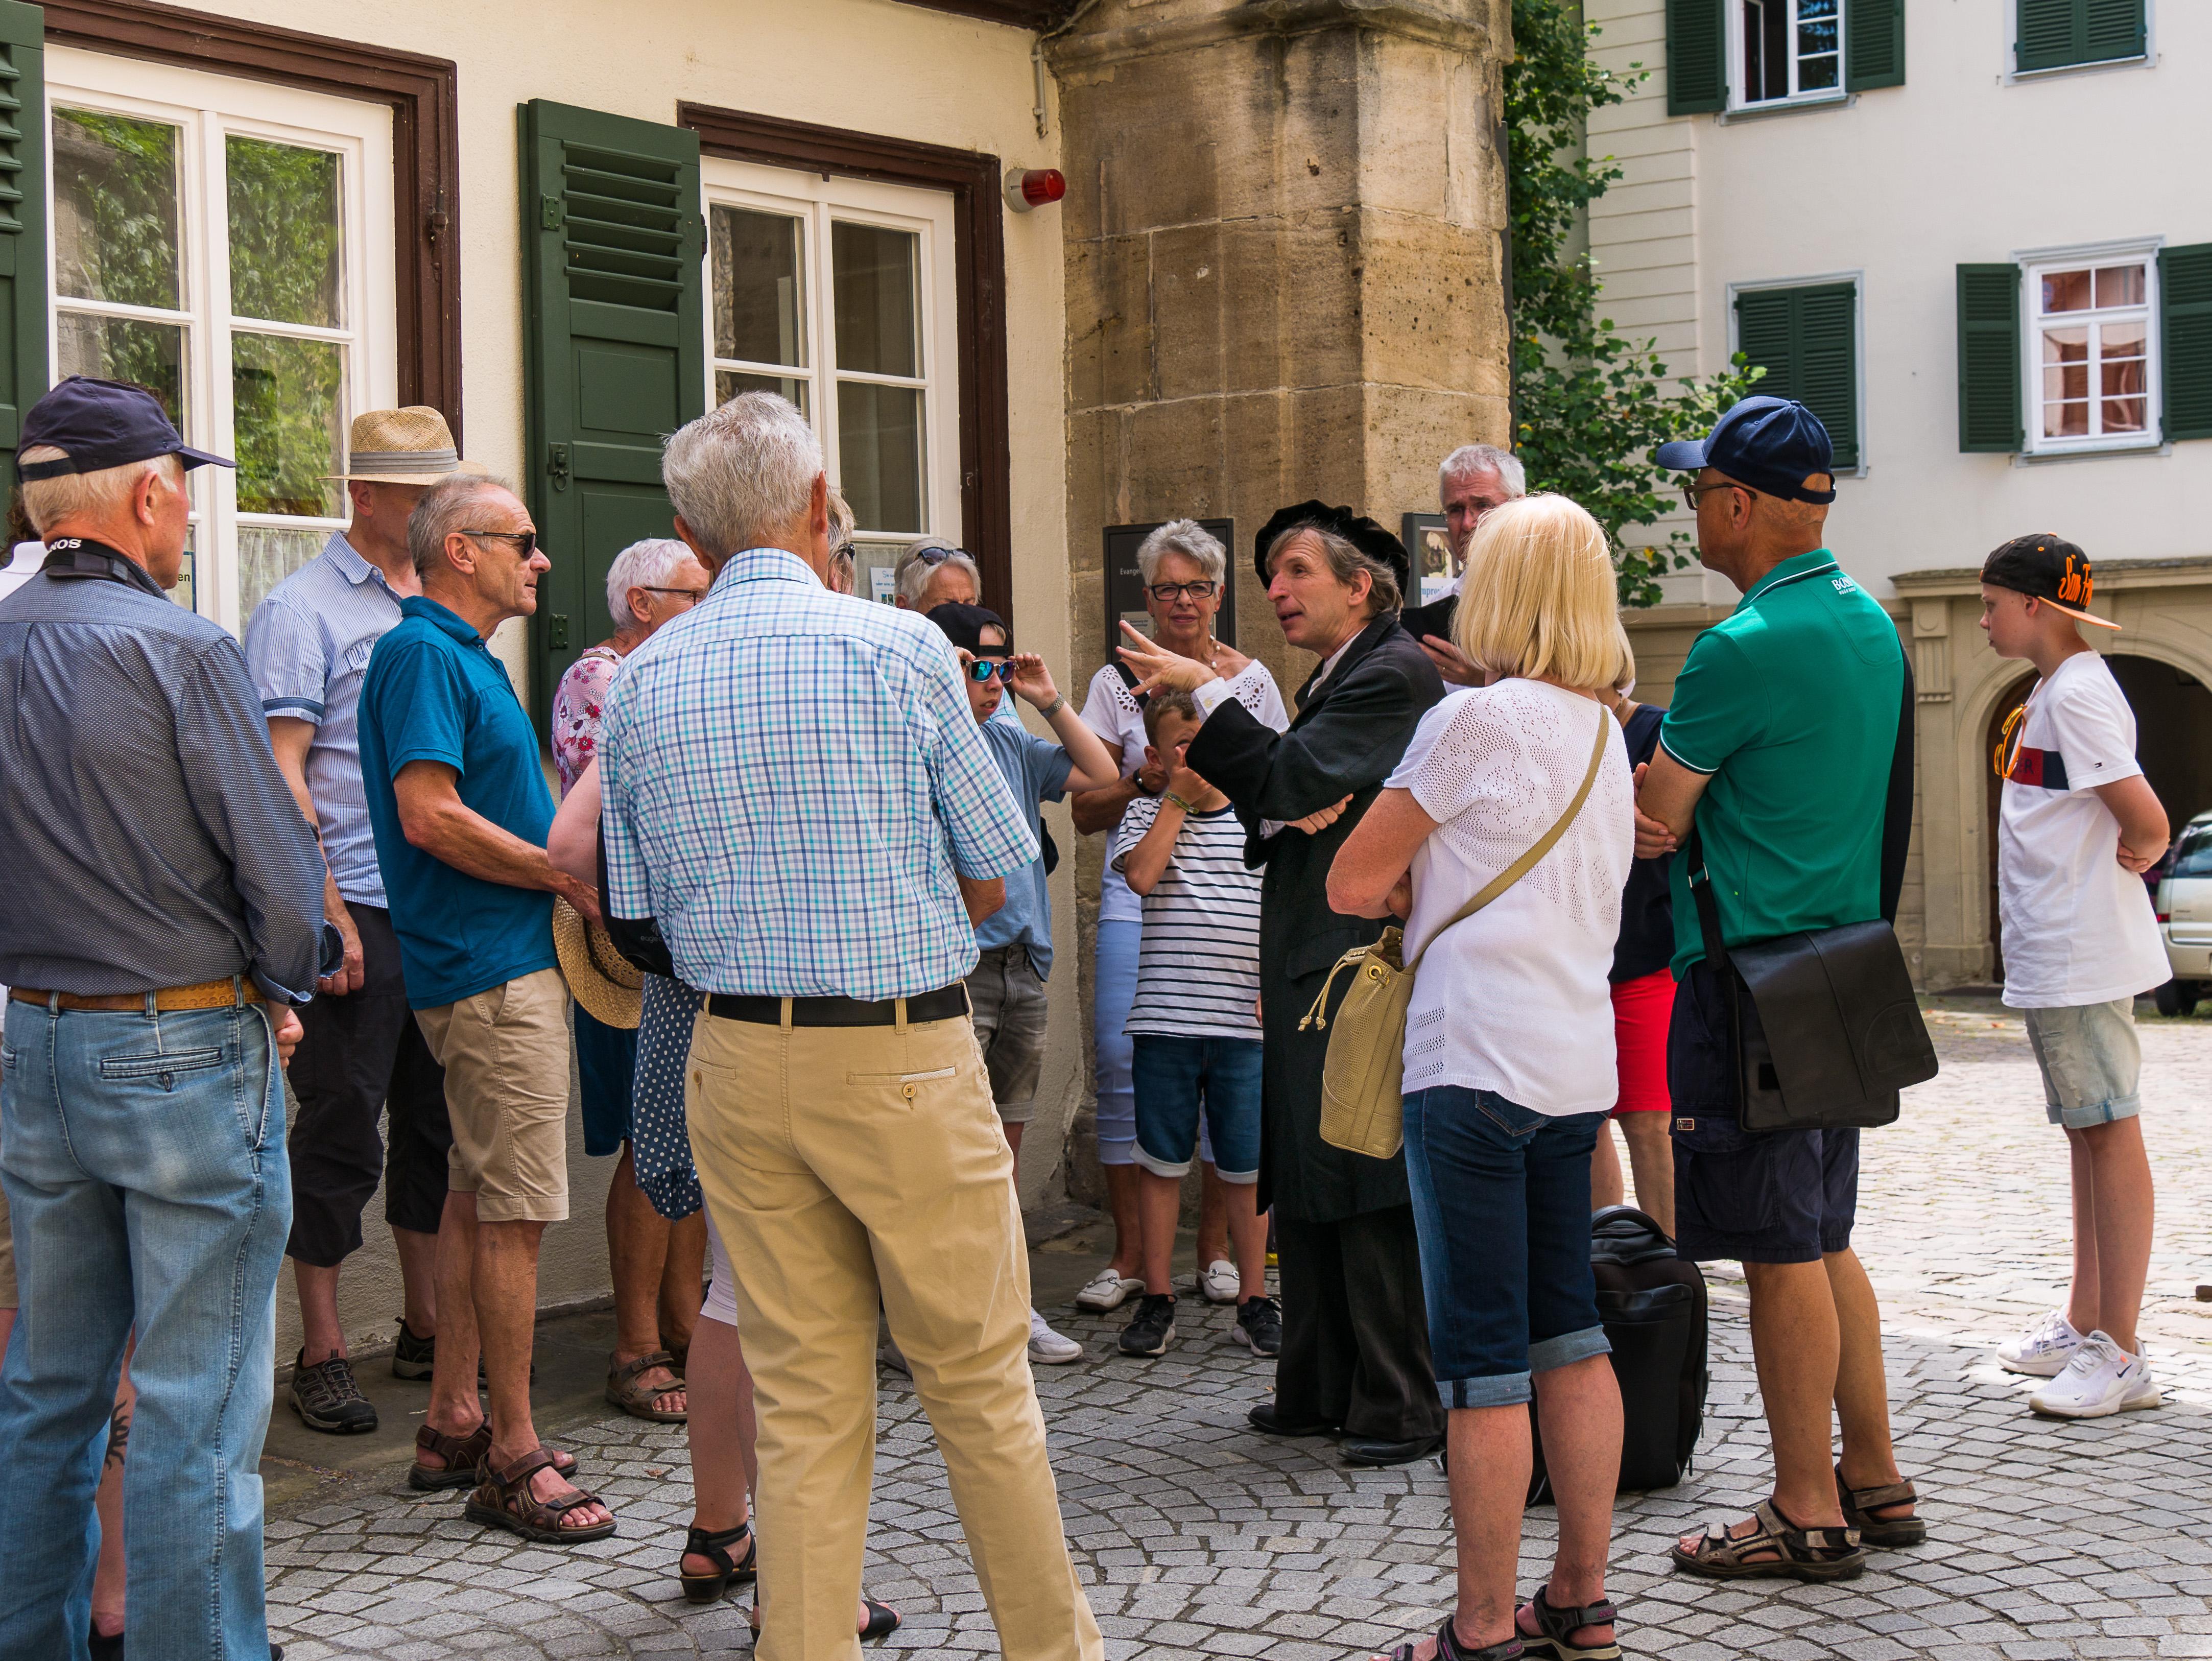 Stadtführung in Tübingen